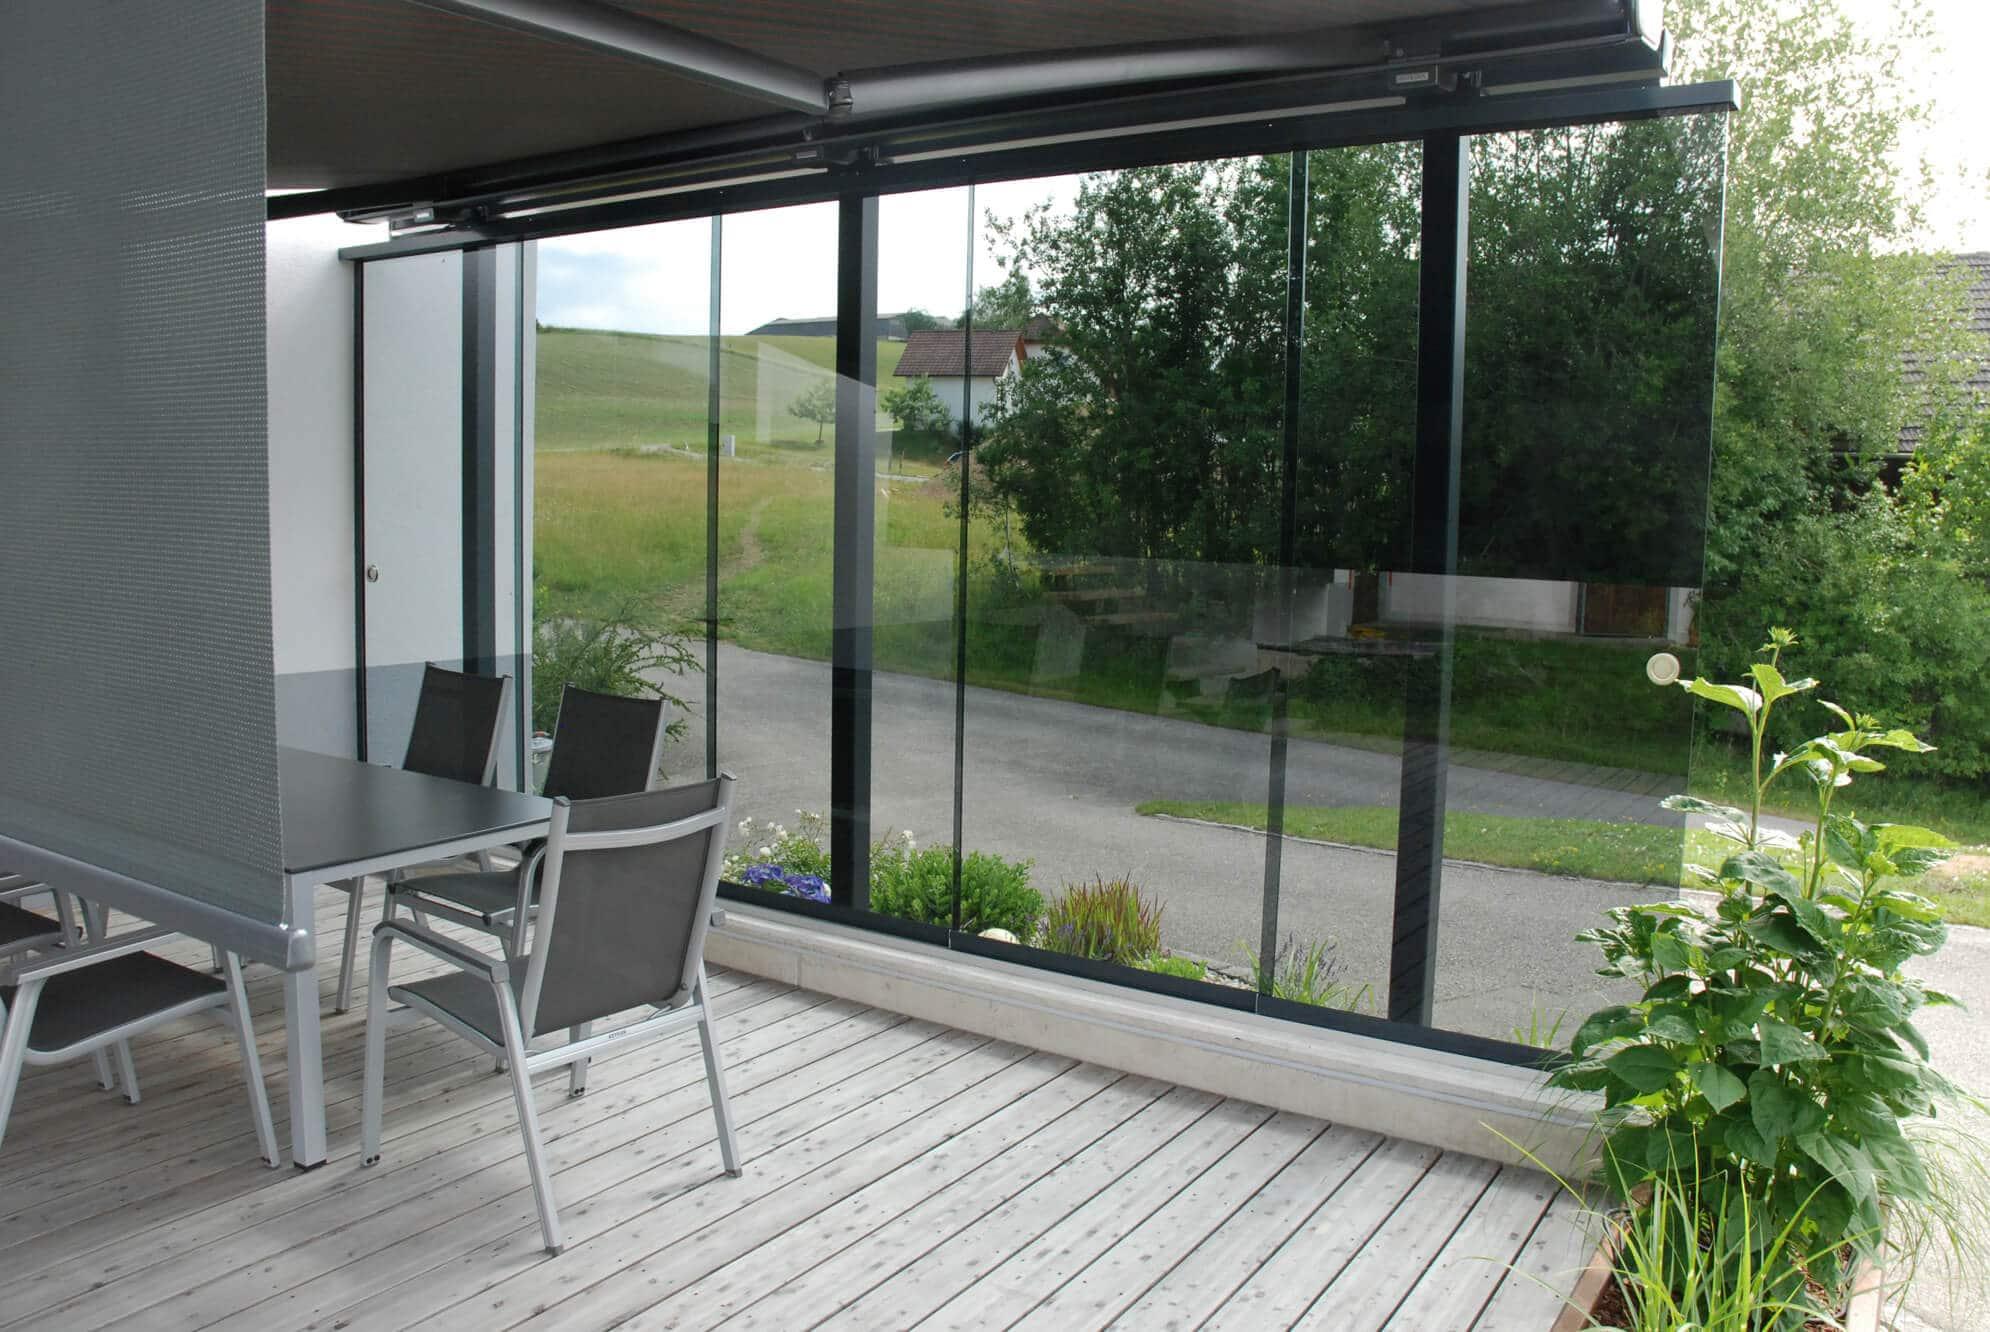 Windschutz Terrassenlösung aus Glas